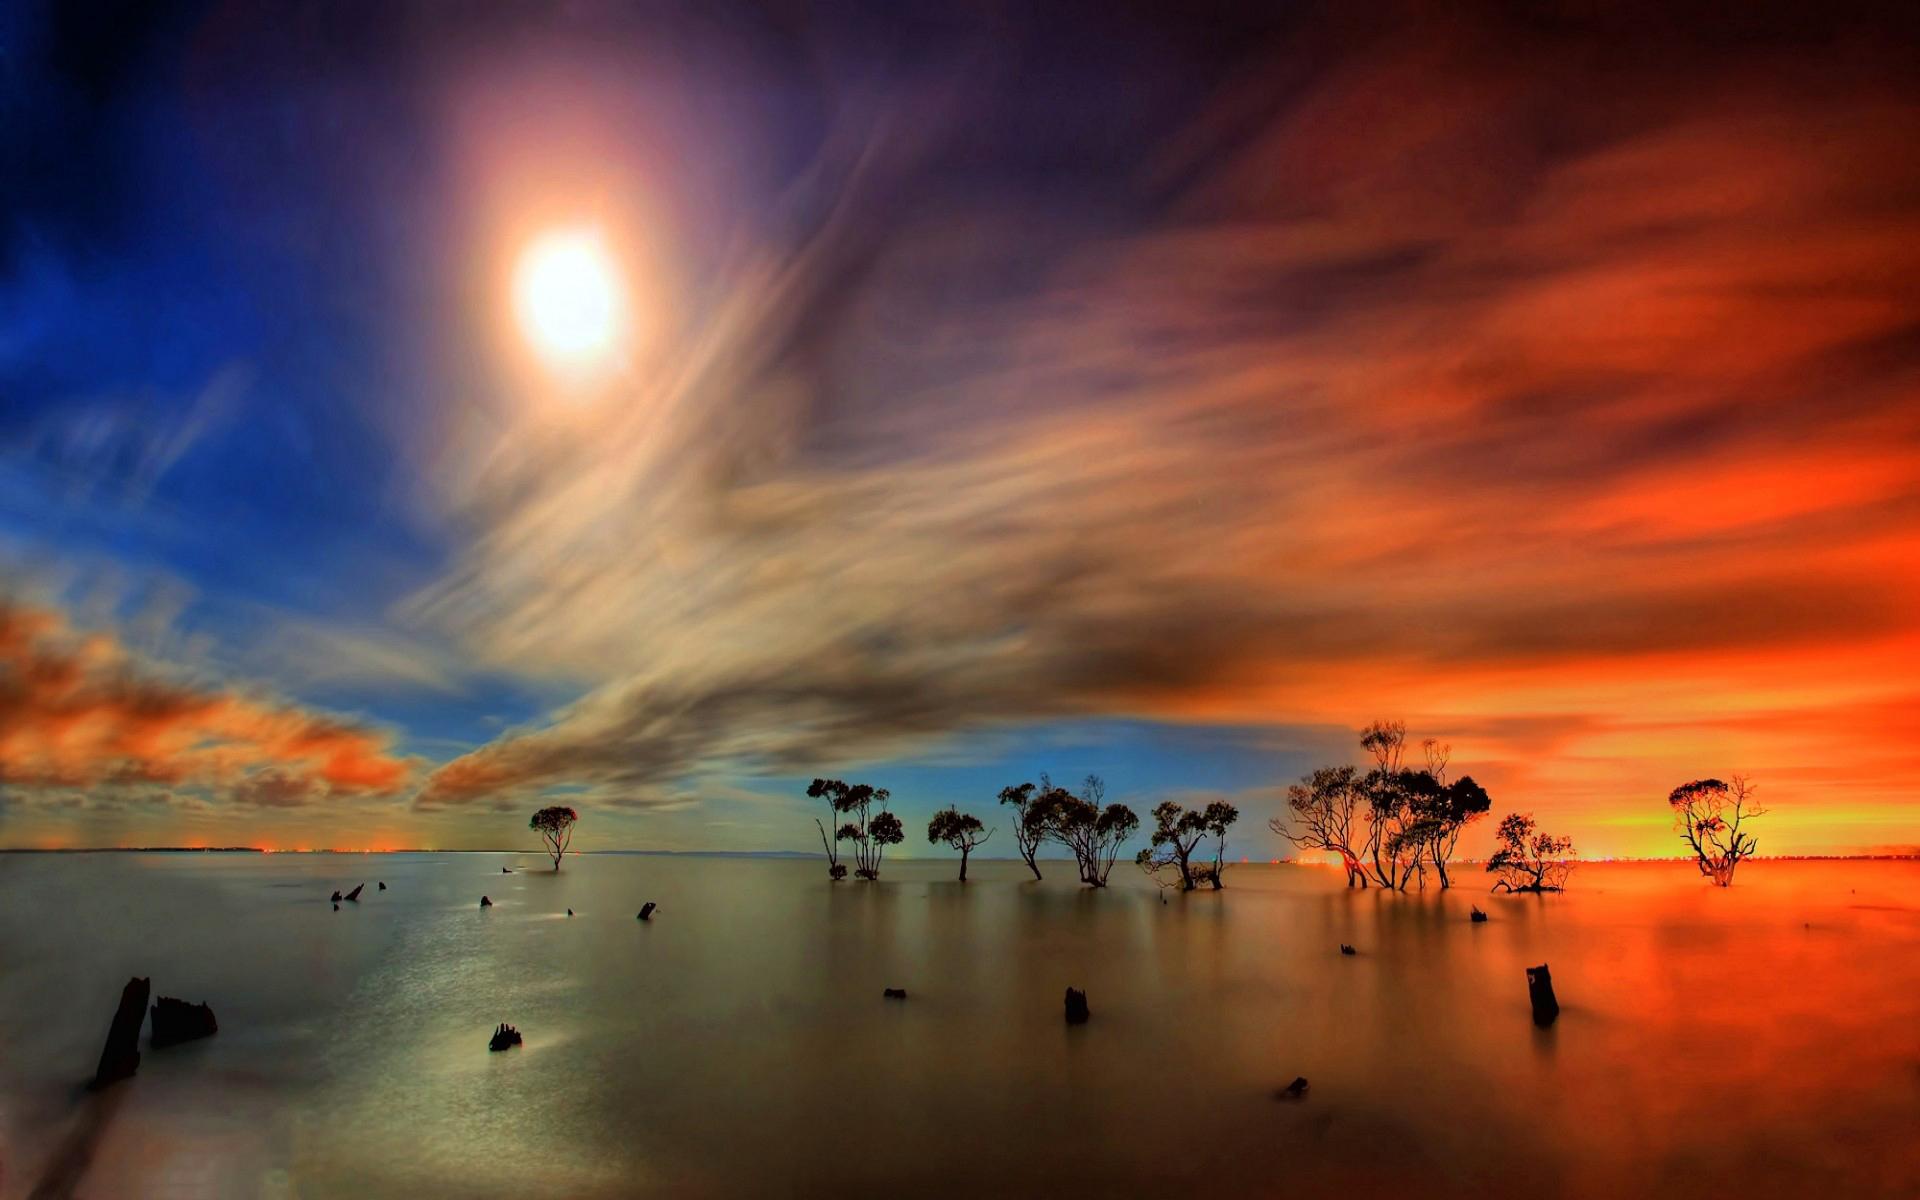 природа горизонт небо облака деревья солнце nature horizon the sky clouds trees sun загрузить